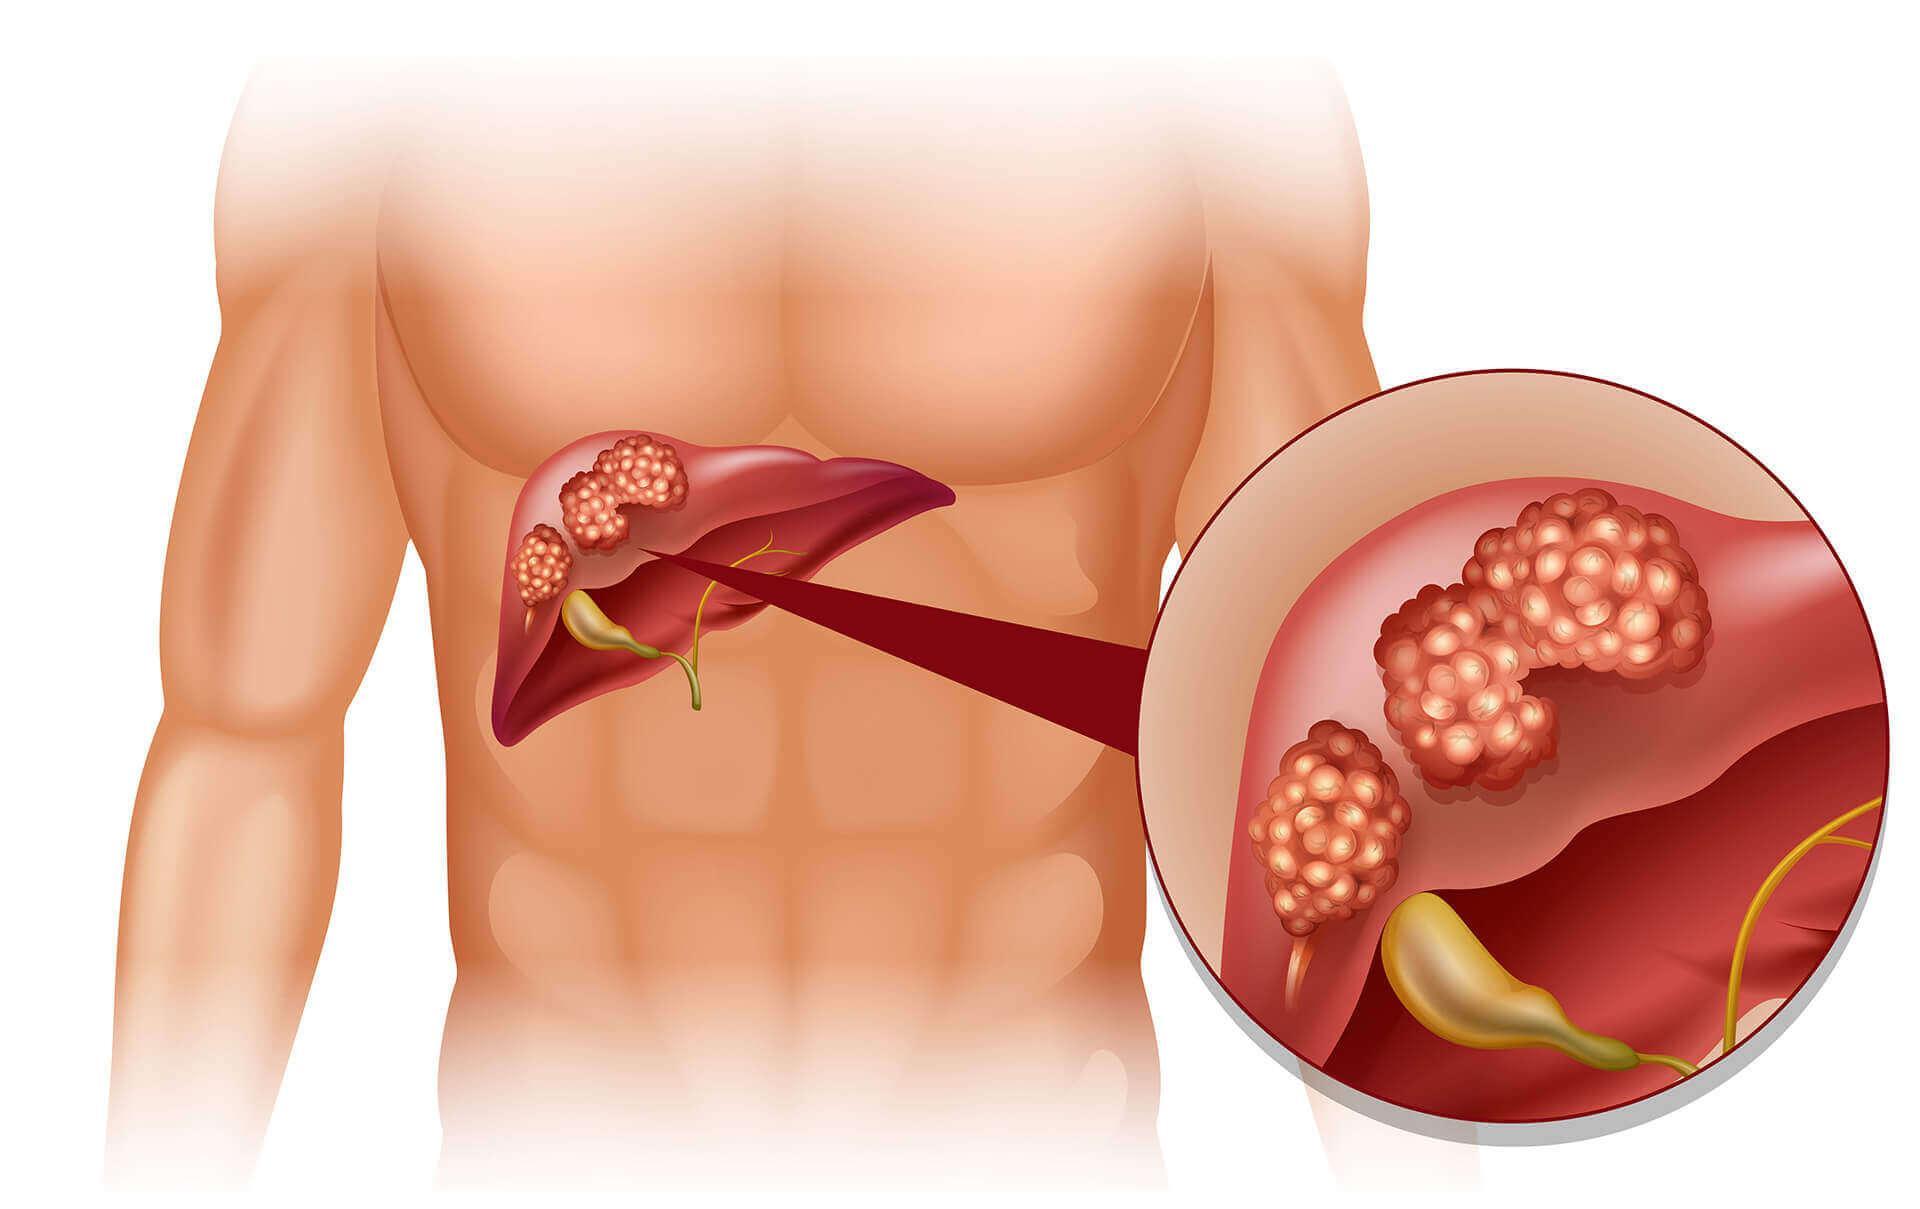 Karaciğer Hastalıkları Belirtileri: Karaciğer Hasarı Belirtileri